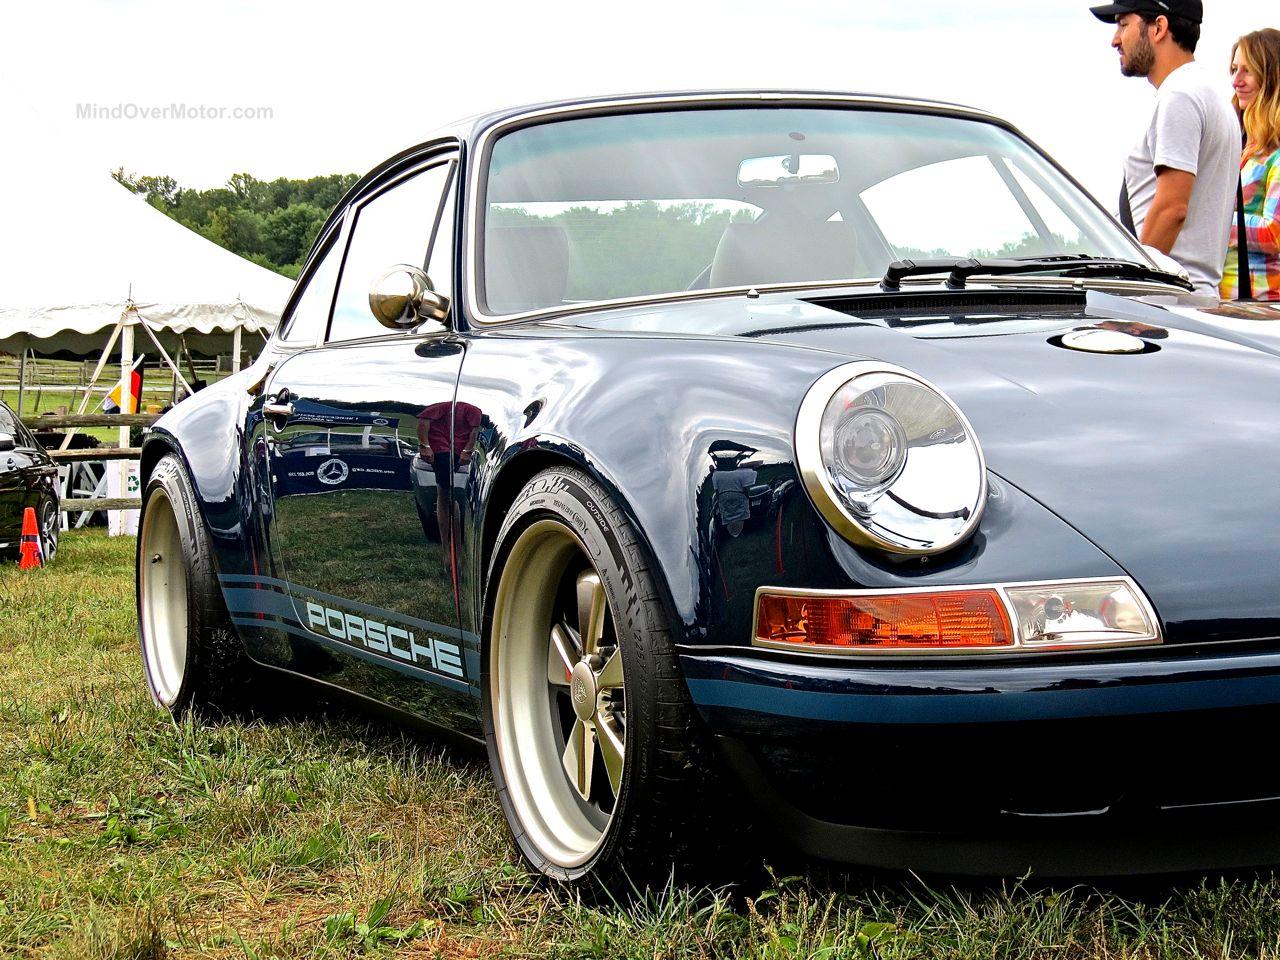 Singer Porsche 911 Radnor Hunt 2